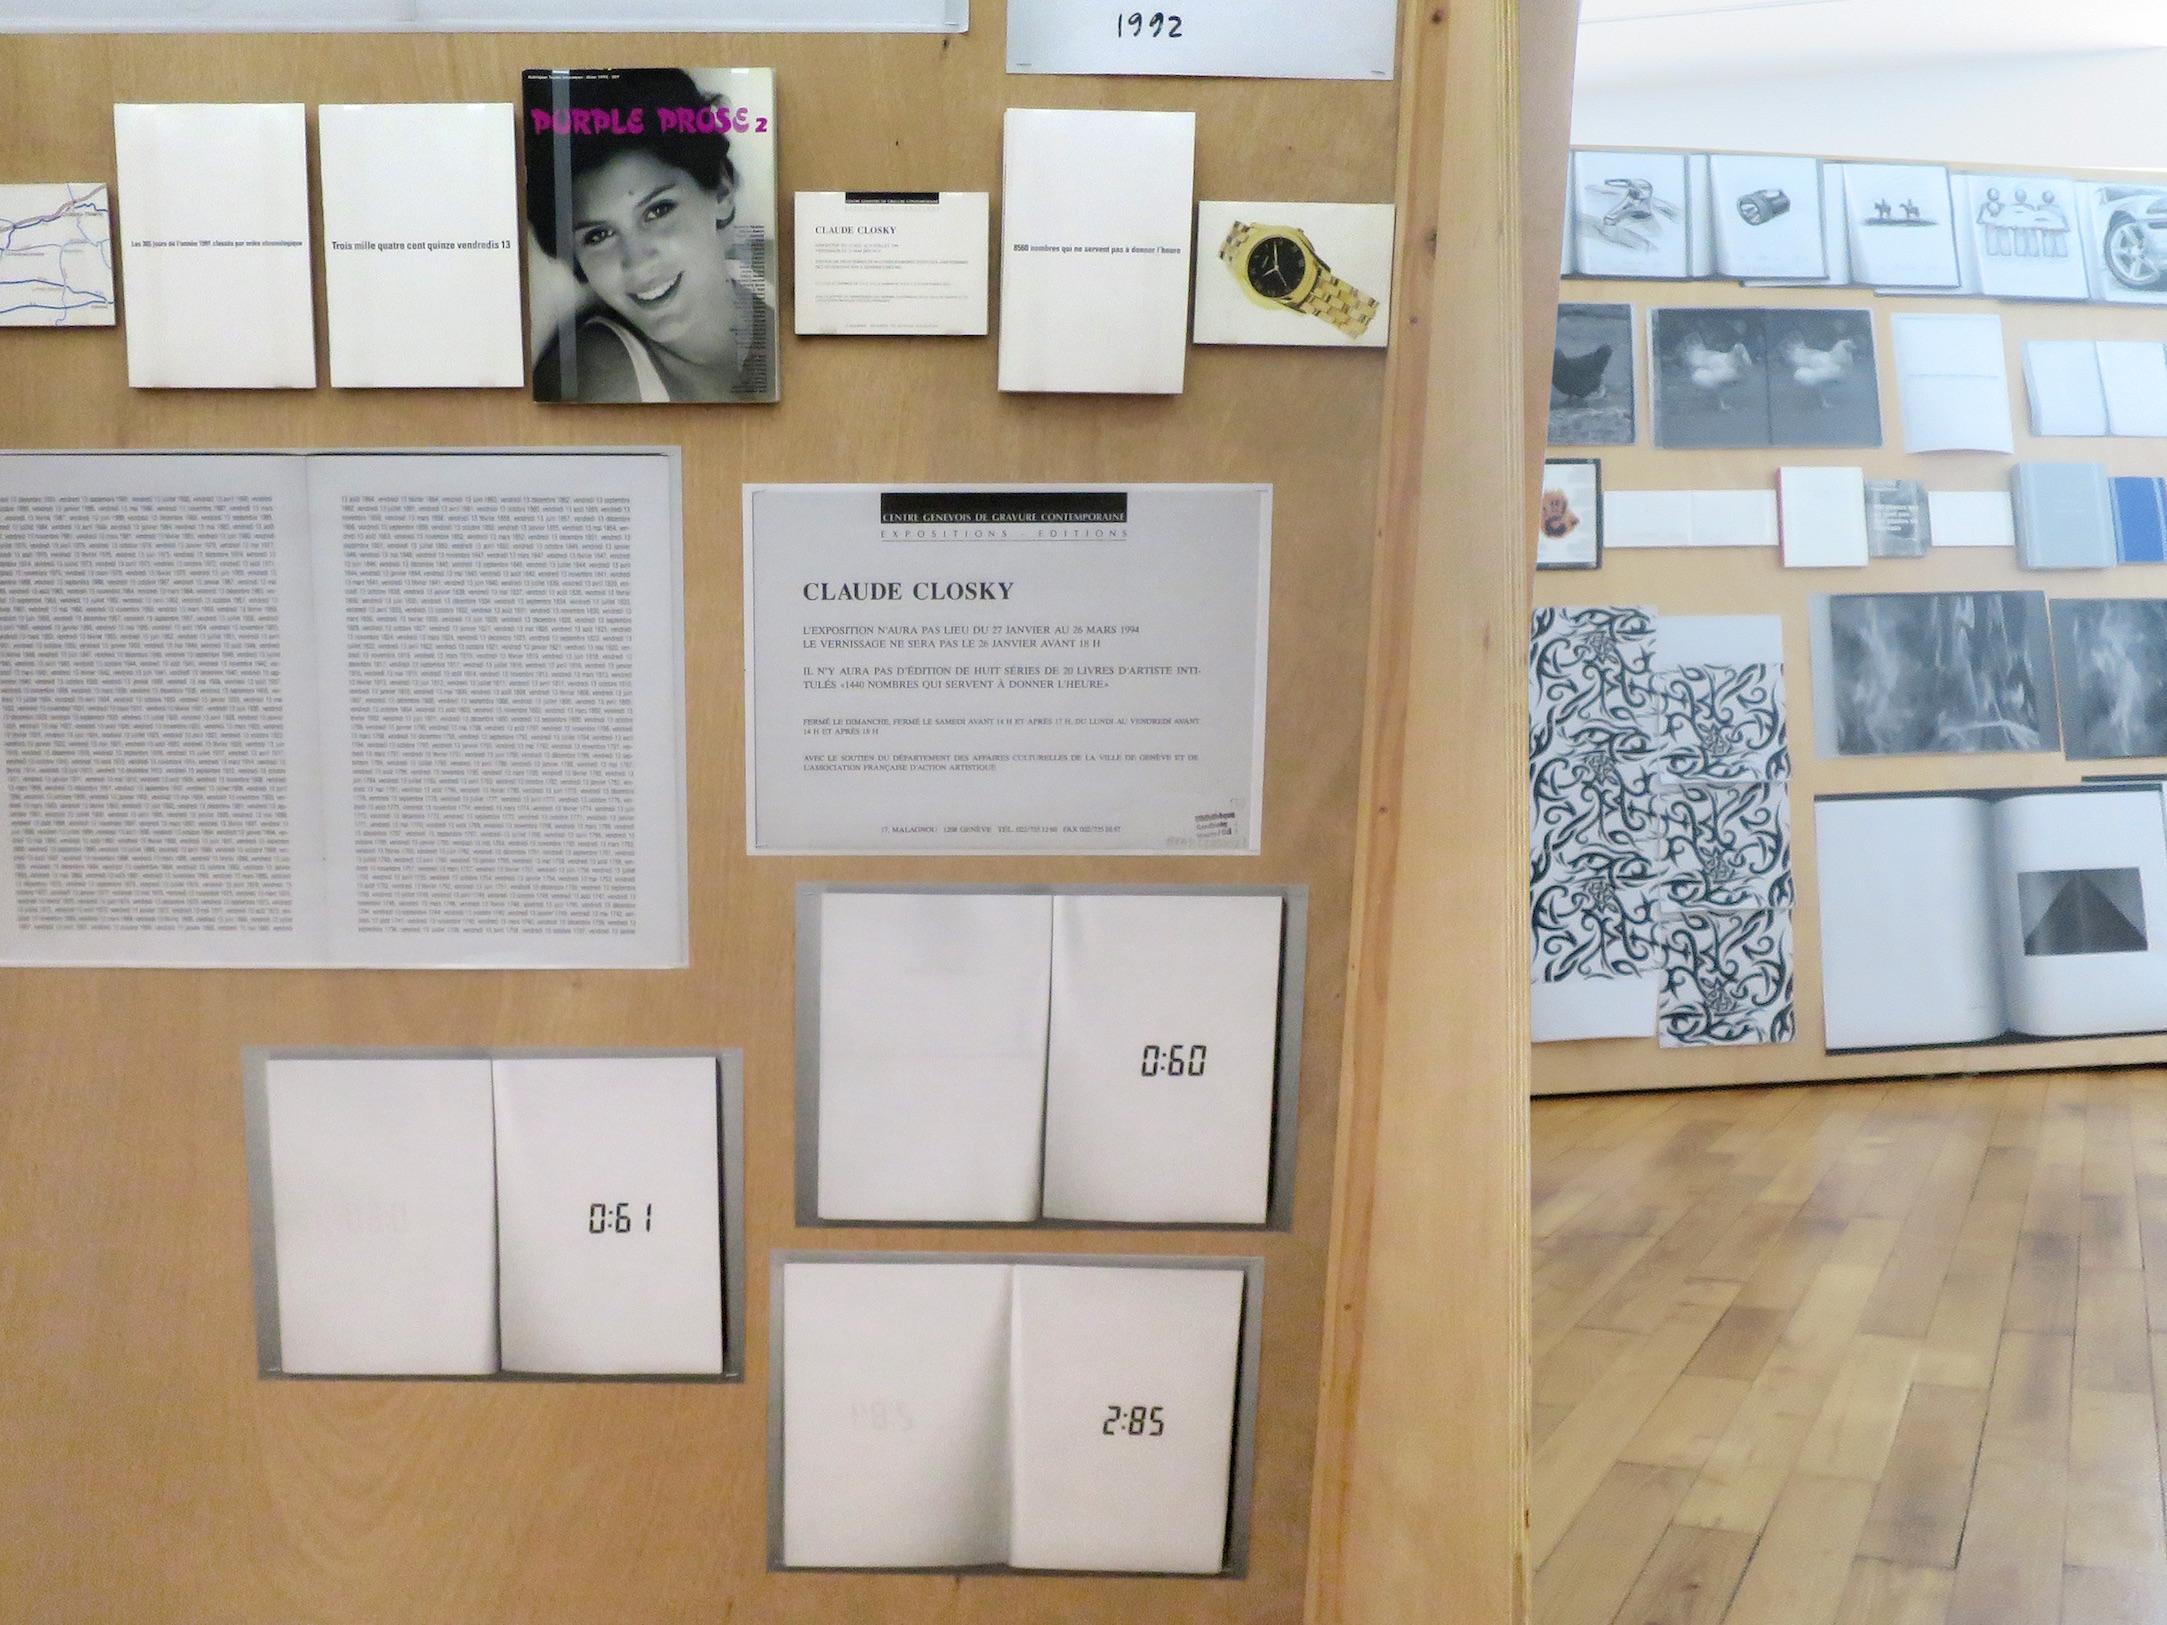 Claude Closky, 'ILUO,' Centre des livres d'artistes (CDLA), Saint-Yrieix-la-Perche. 23 June - 16 September 2017. Curated by Christian Lebrat, Didier Mathieu. Salle 1, salle 2.jpg